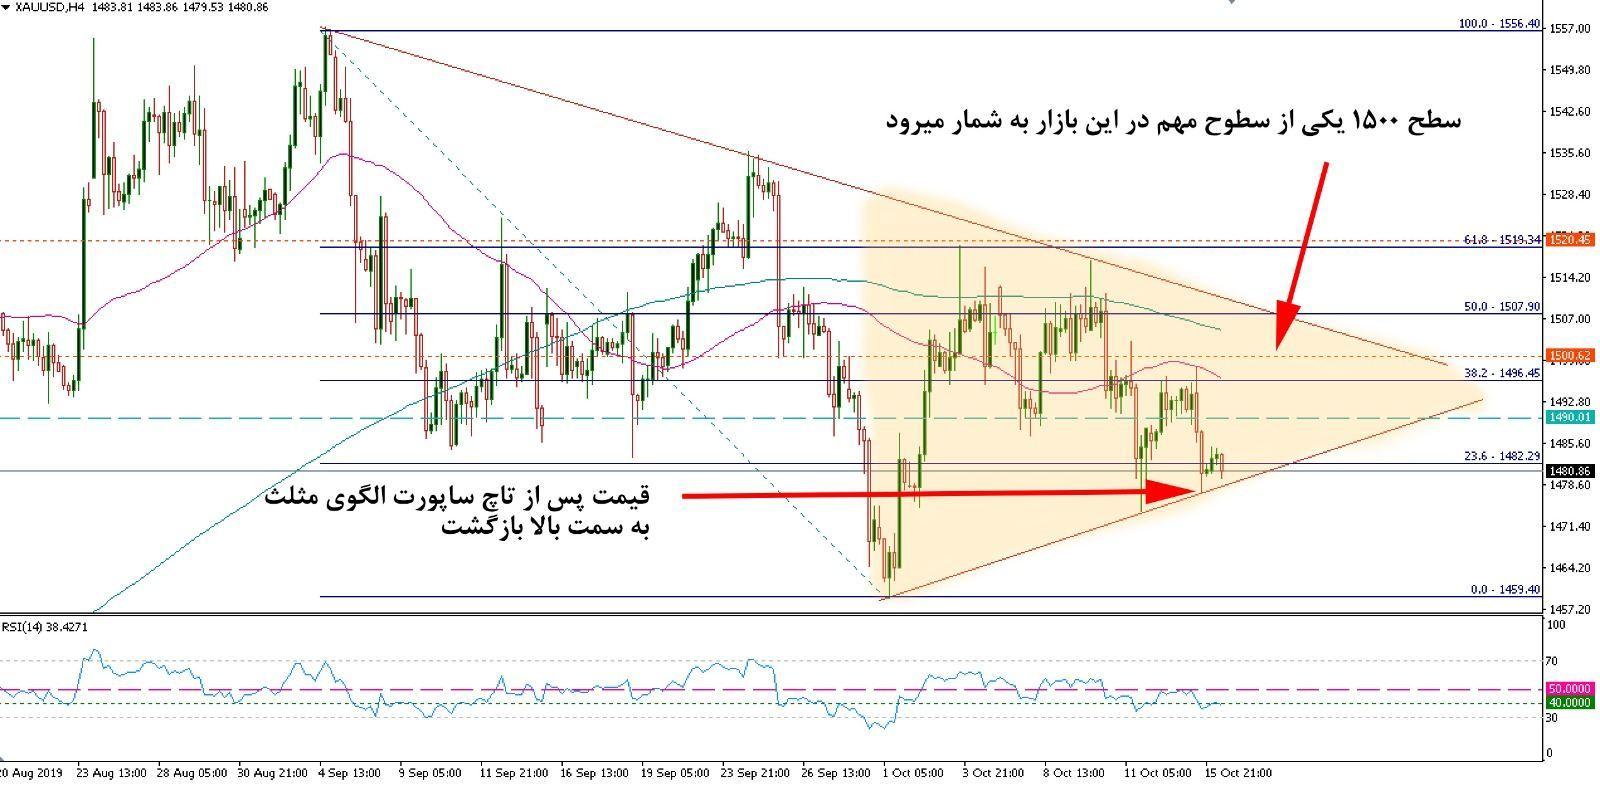 تحلیل بازار طلا مورخ 24 مهر 98